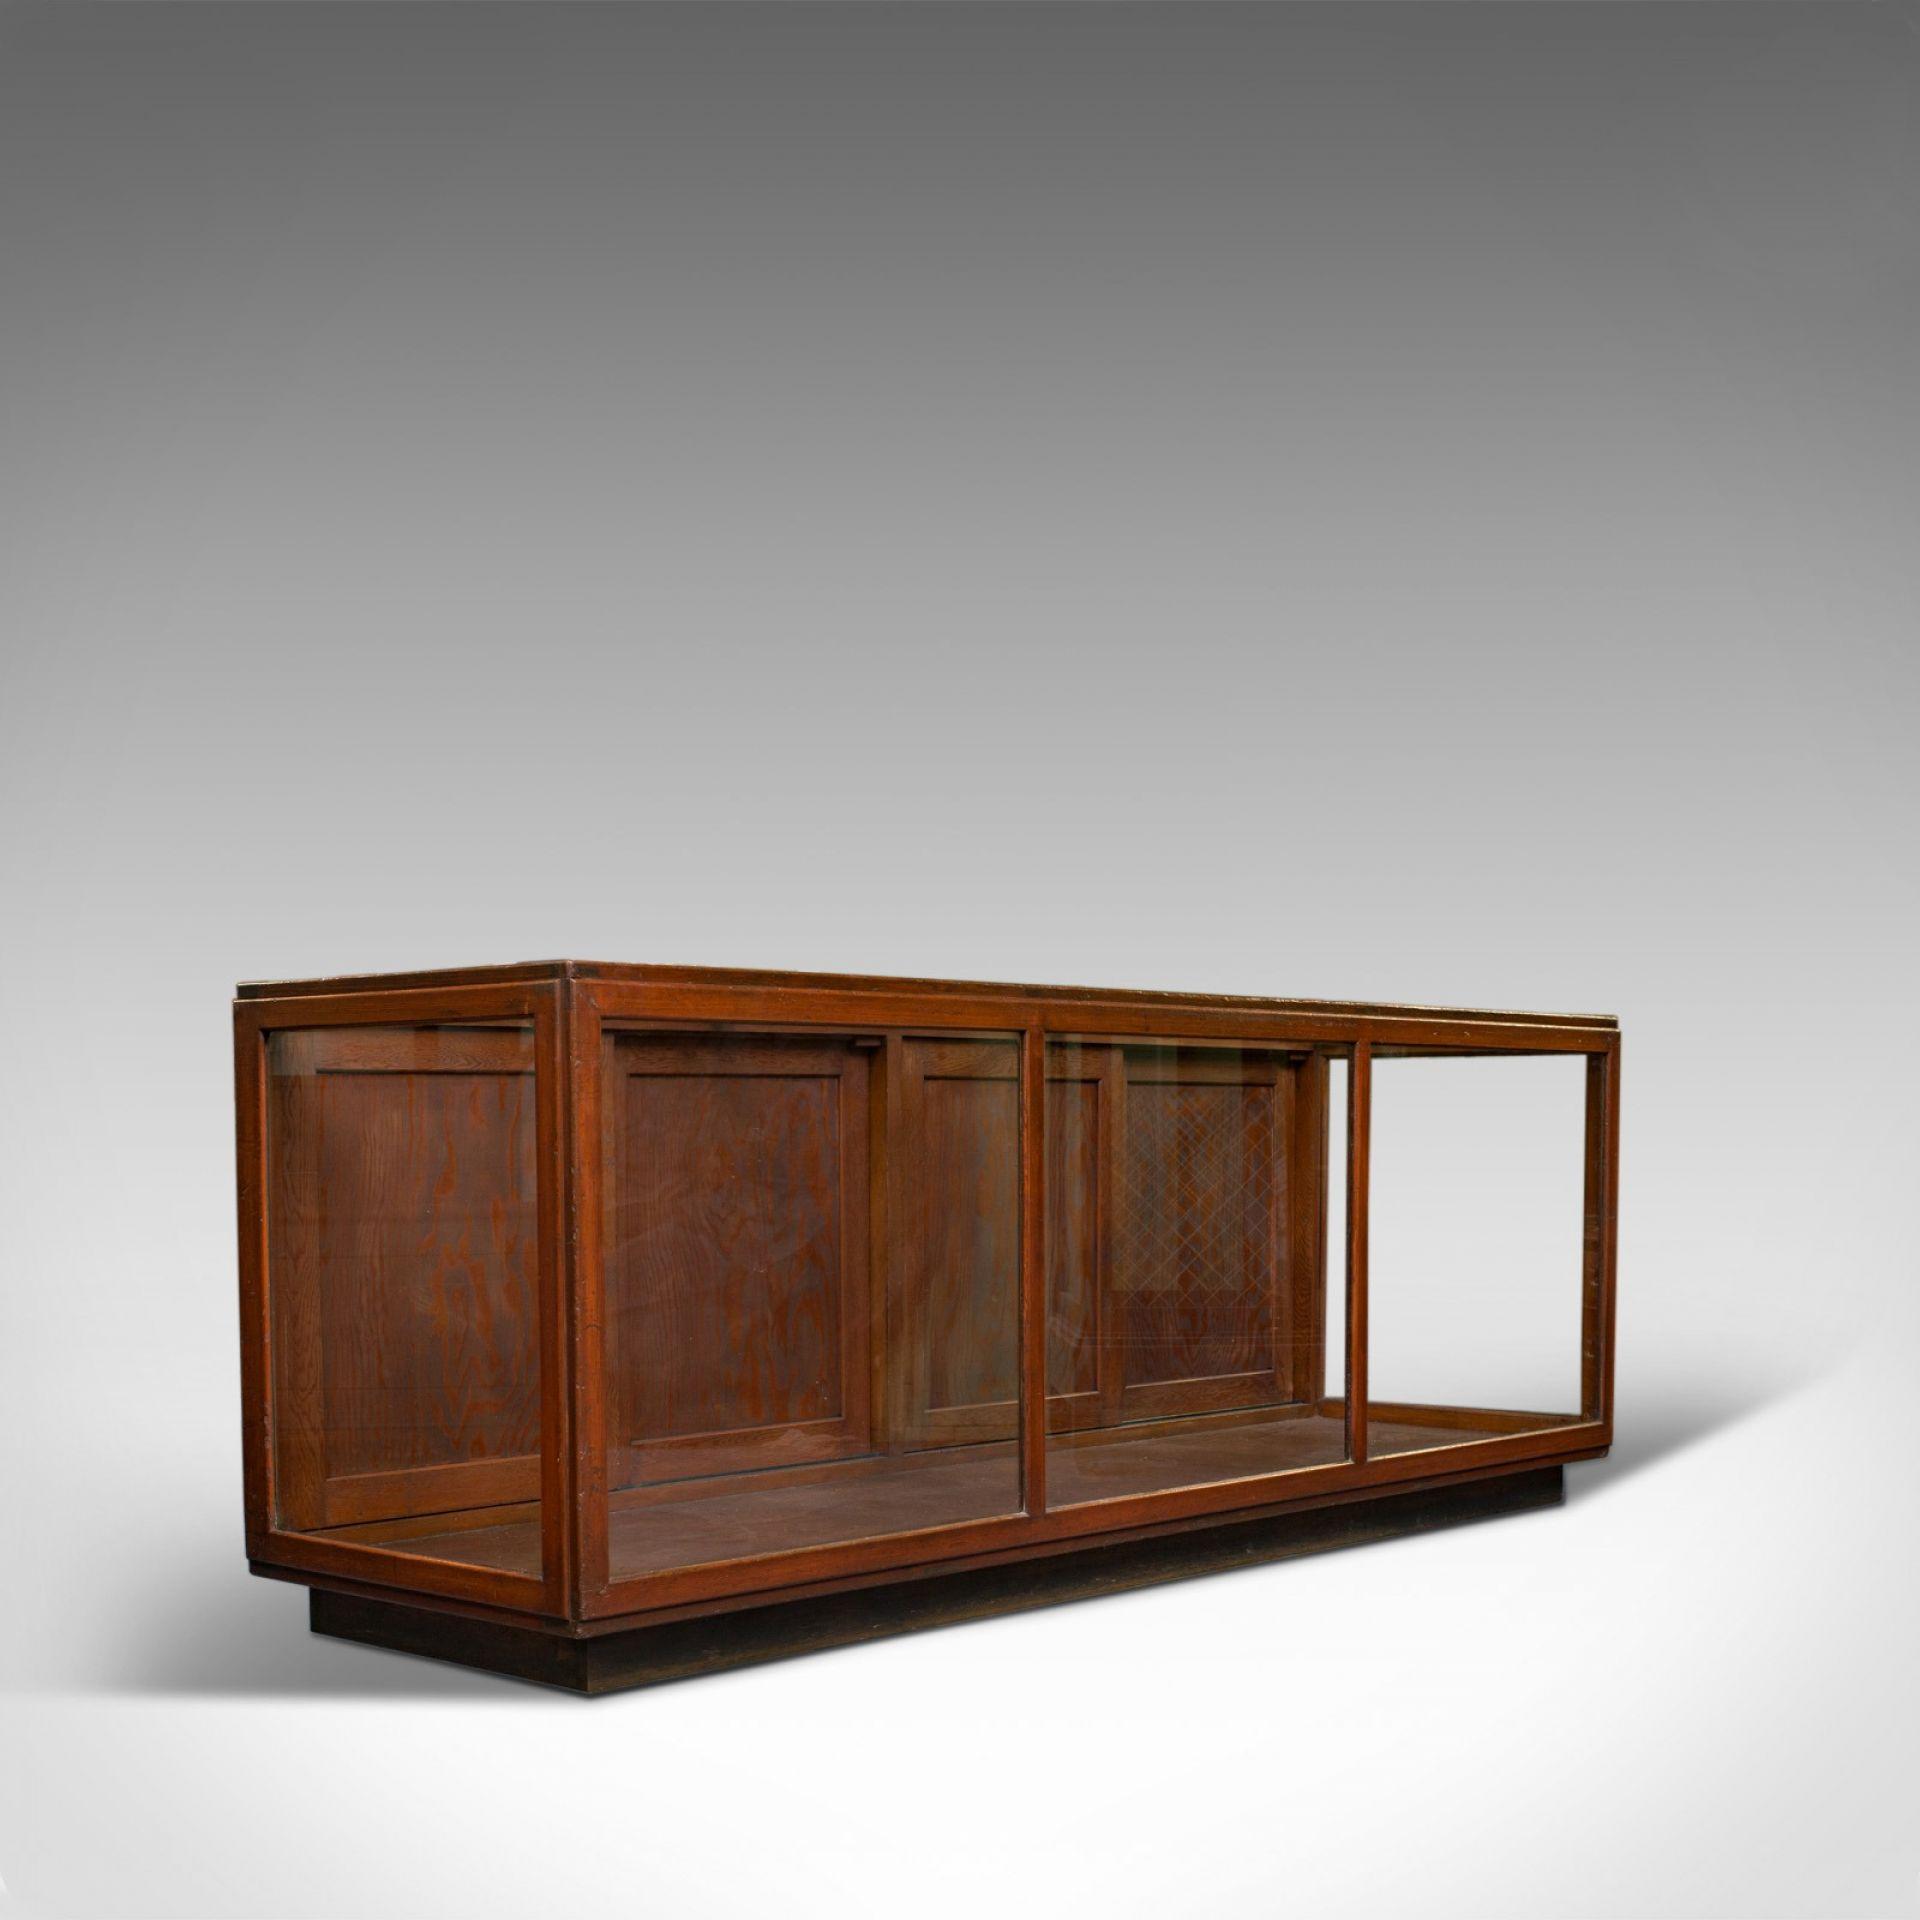 Large Antique Display Cabinet, English, Pine, Showcase, Edwardian, Circa 1910